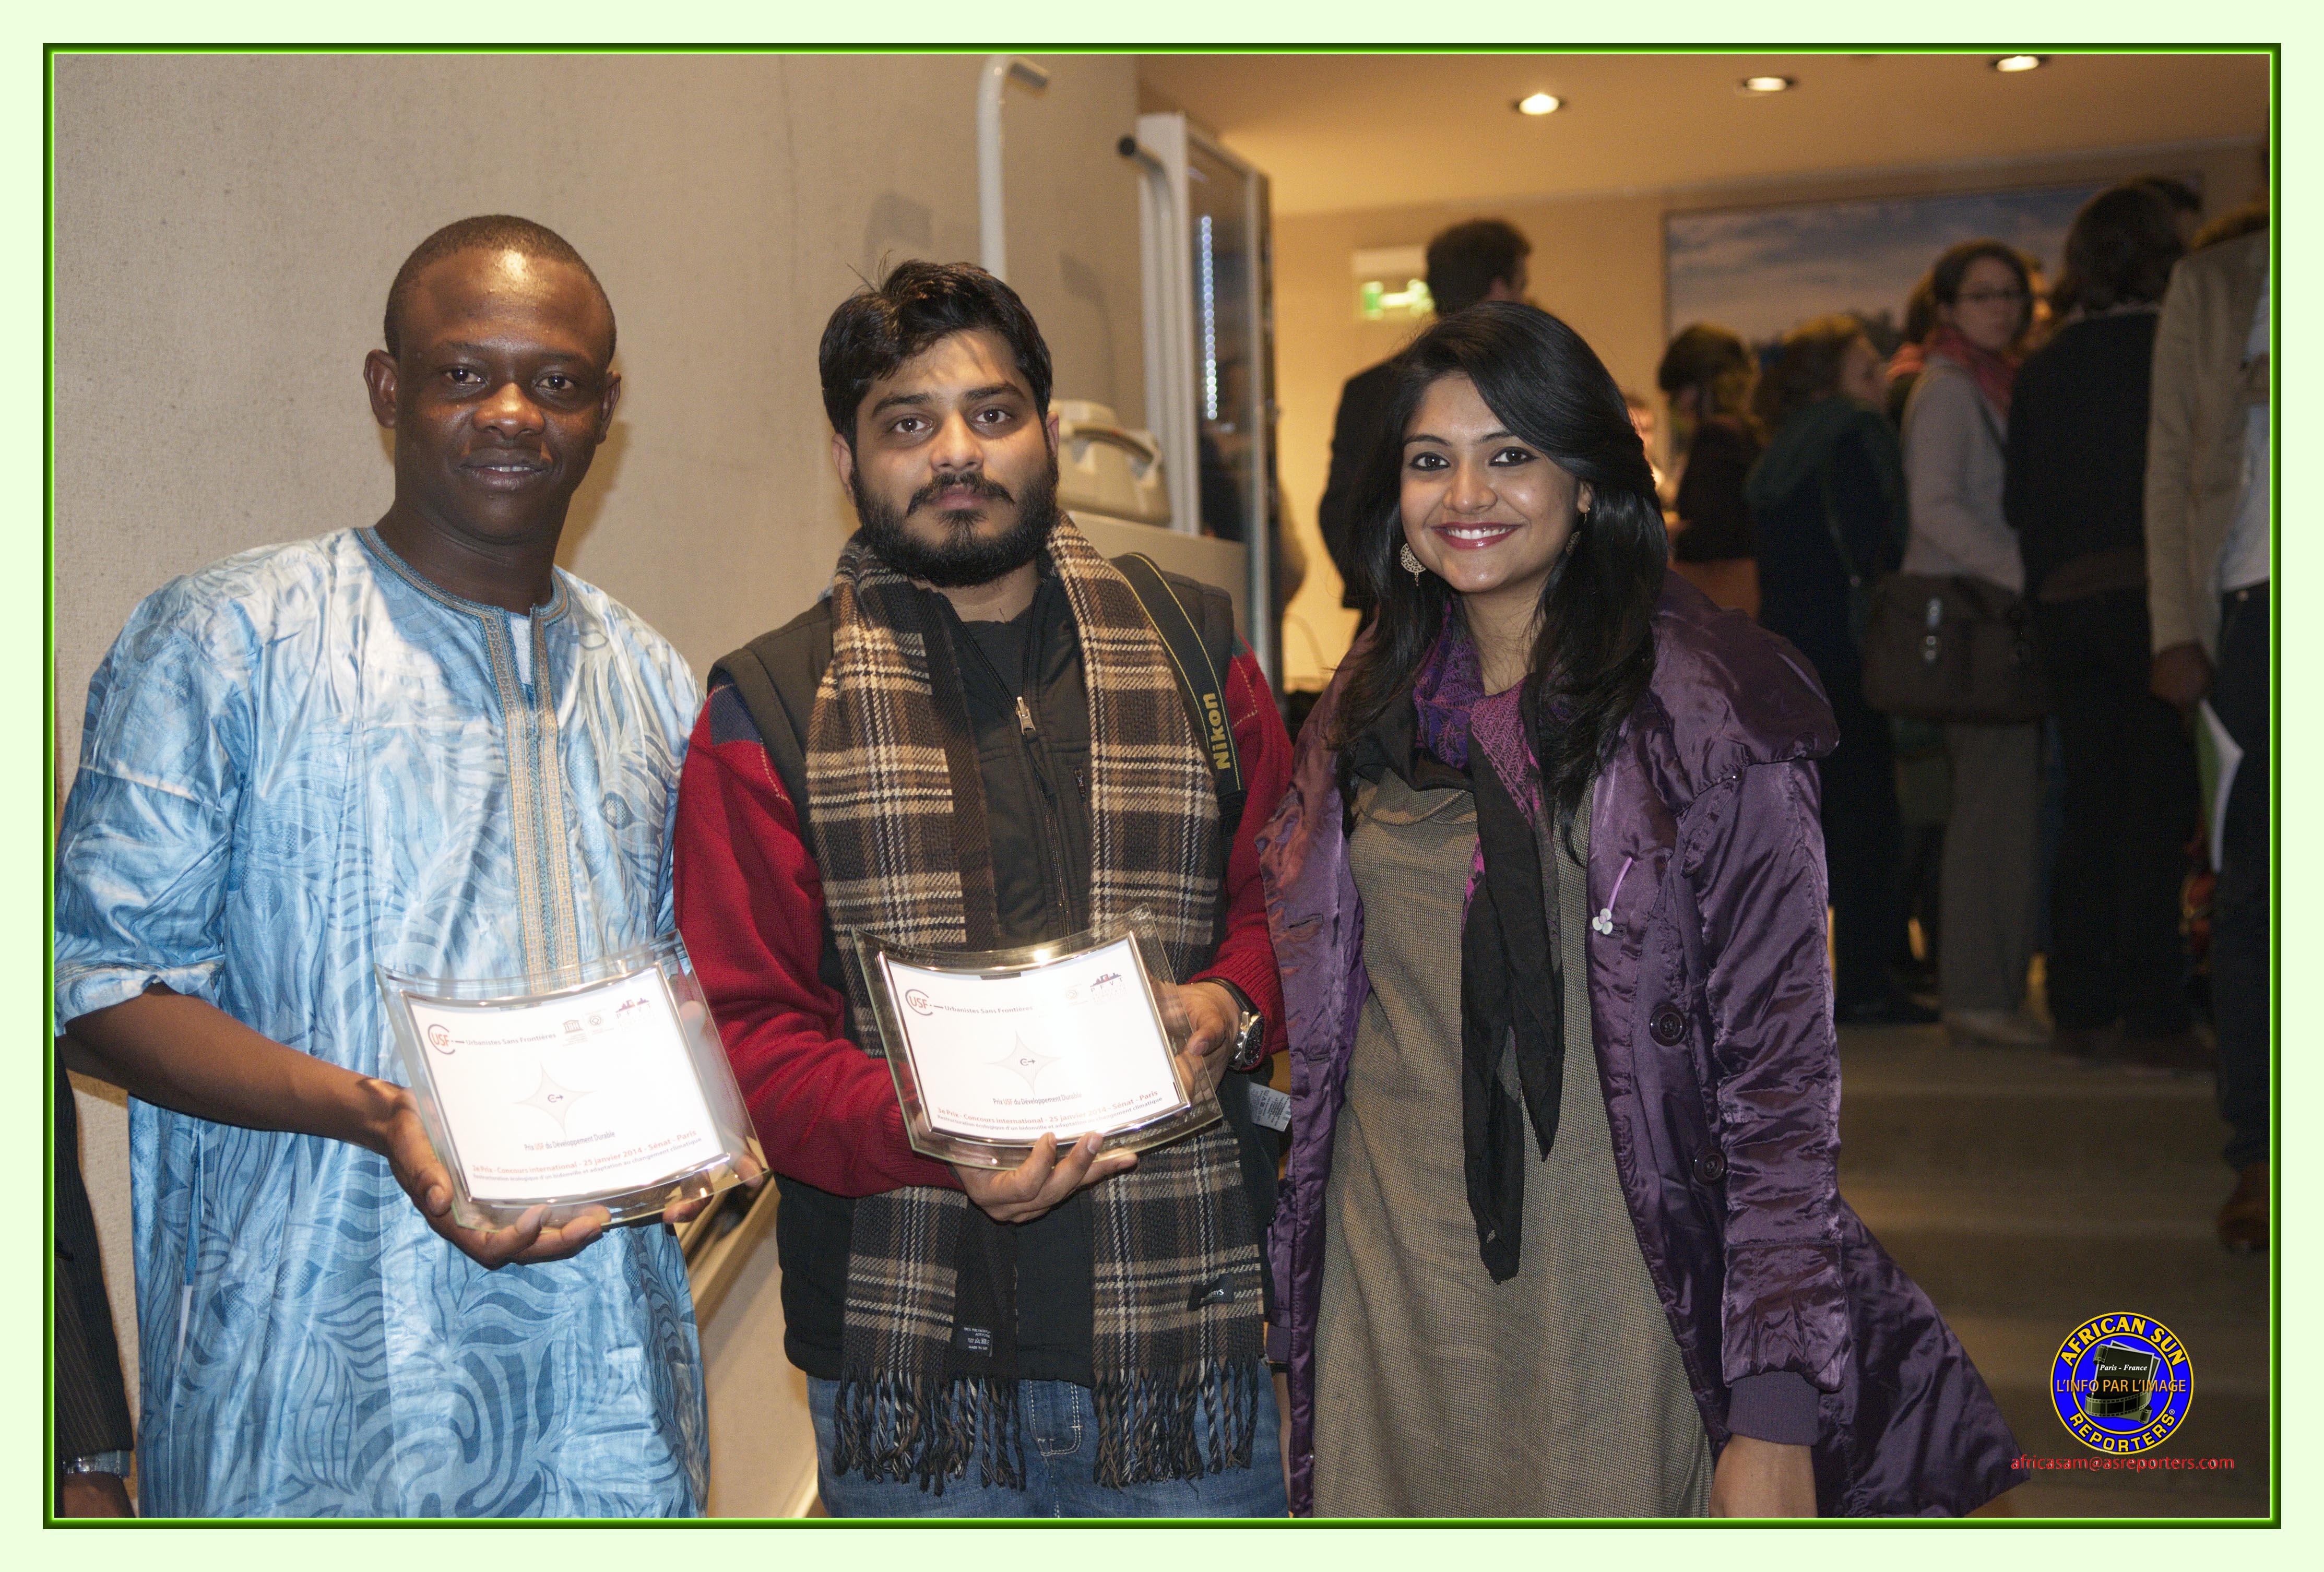 Mali : Concours international d'urbanisme : L'ESIAU A L'AVANT-GARDE